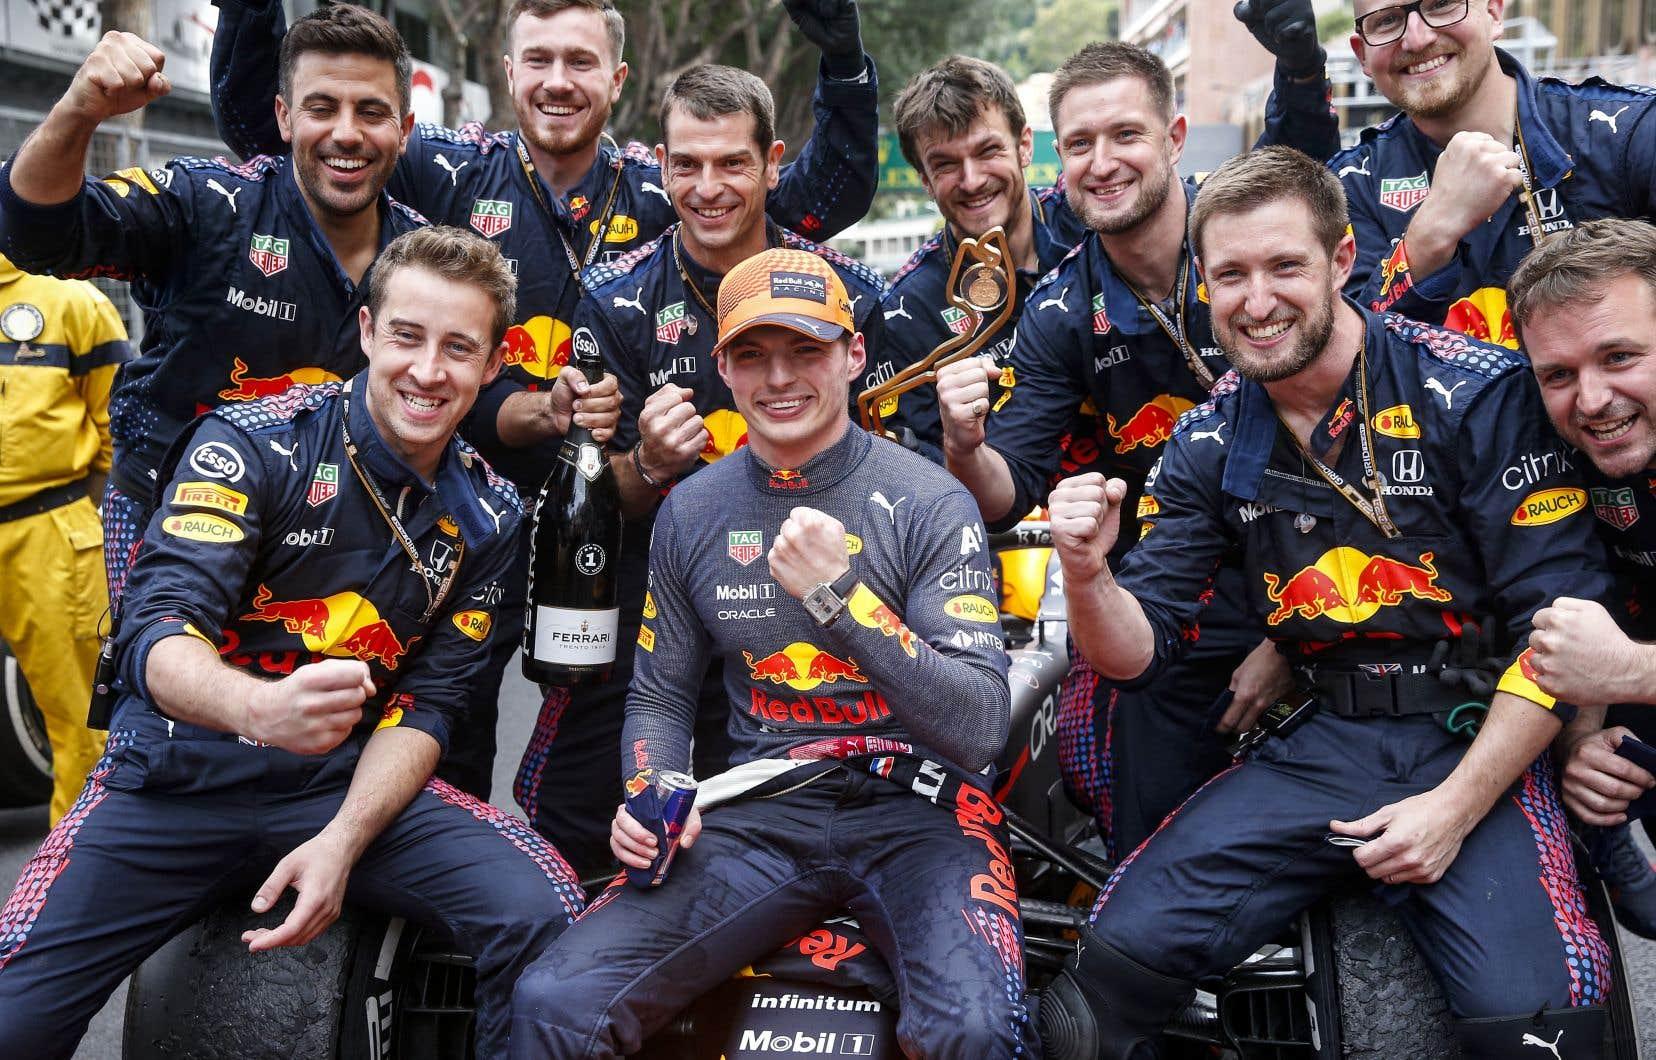 En remportant le dernier Grand Prix, à Monaco, Verstappen s'est retrouvé avec une avance de quatre points devant Hamilton avant le Grand Prix d'Azerbaïdjan.